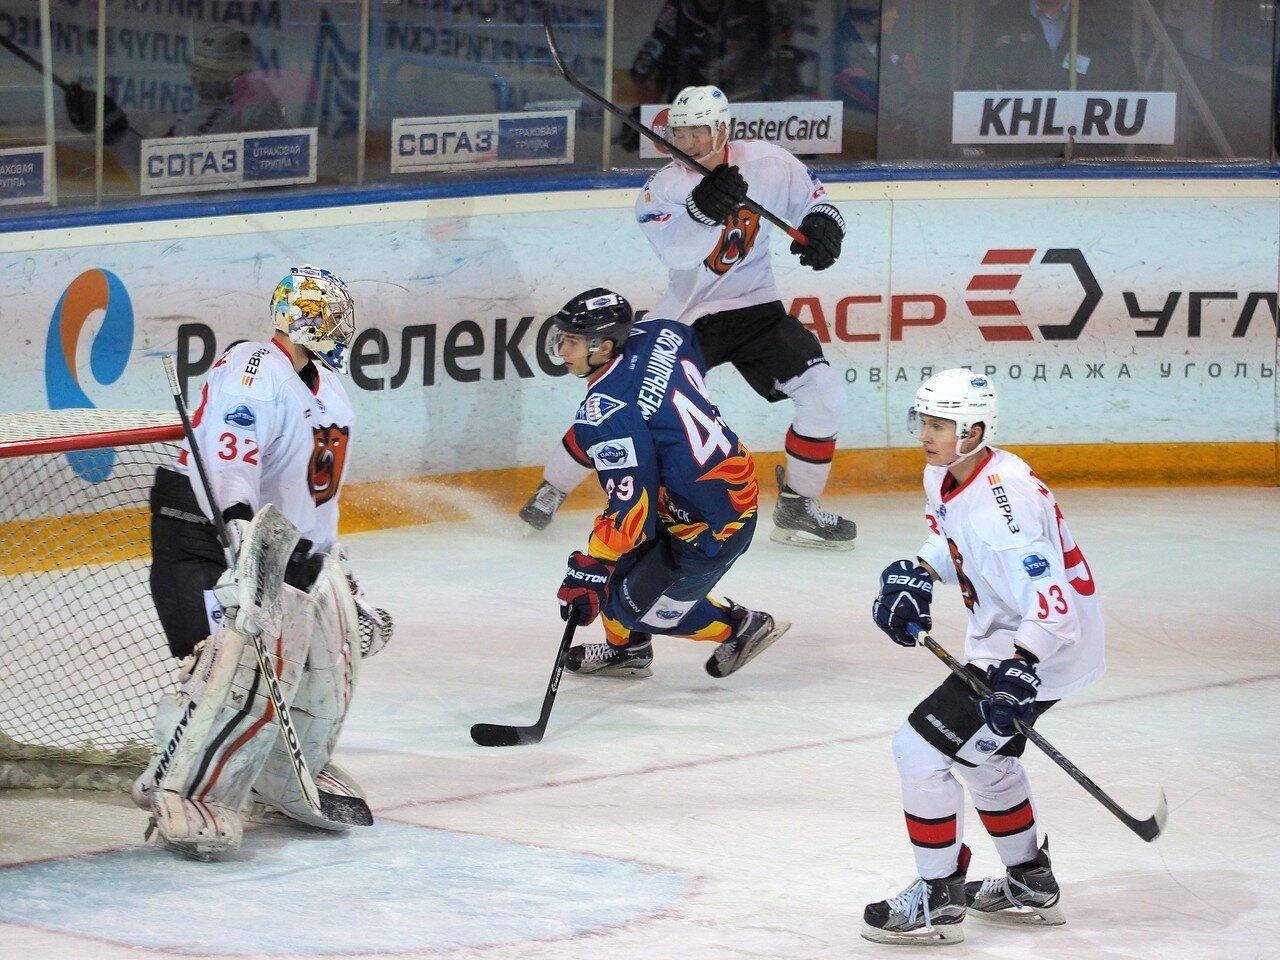 361/8 Плей-офф 2016 МХЛ Стальные Лисы - Кузнецкие Медведи 09.03.2016